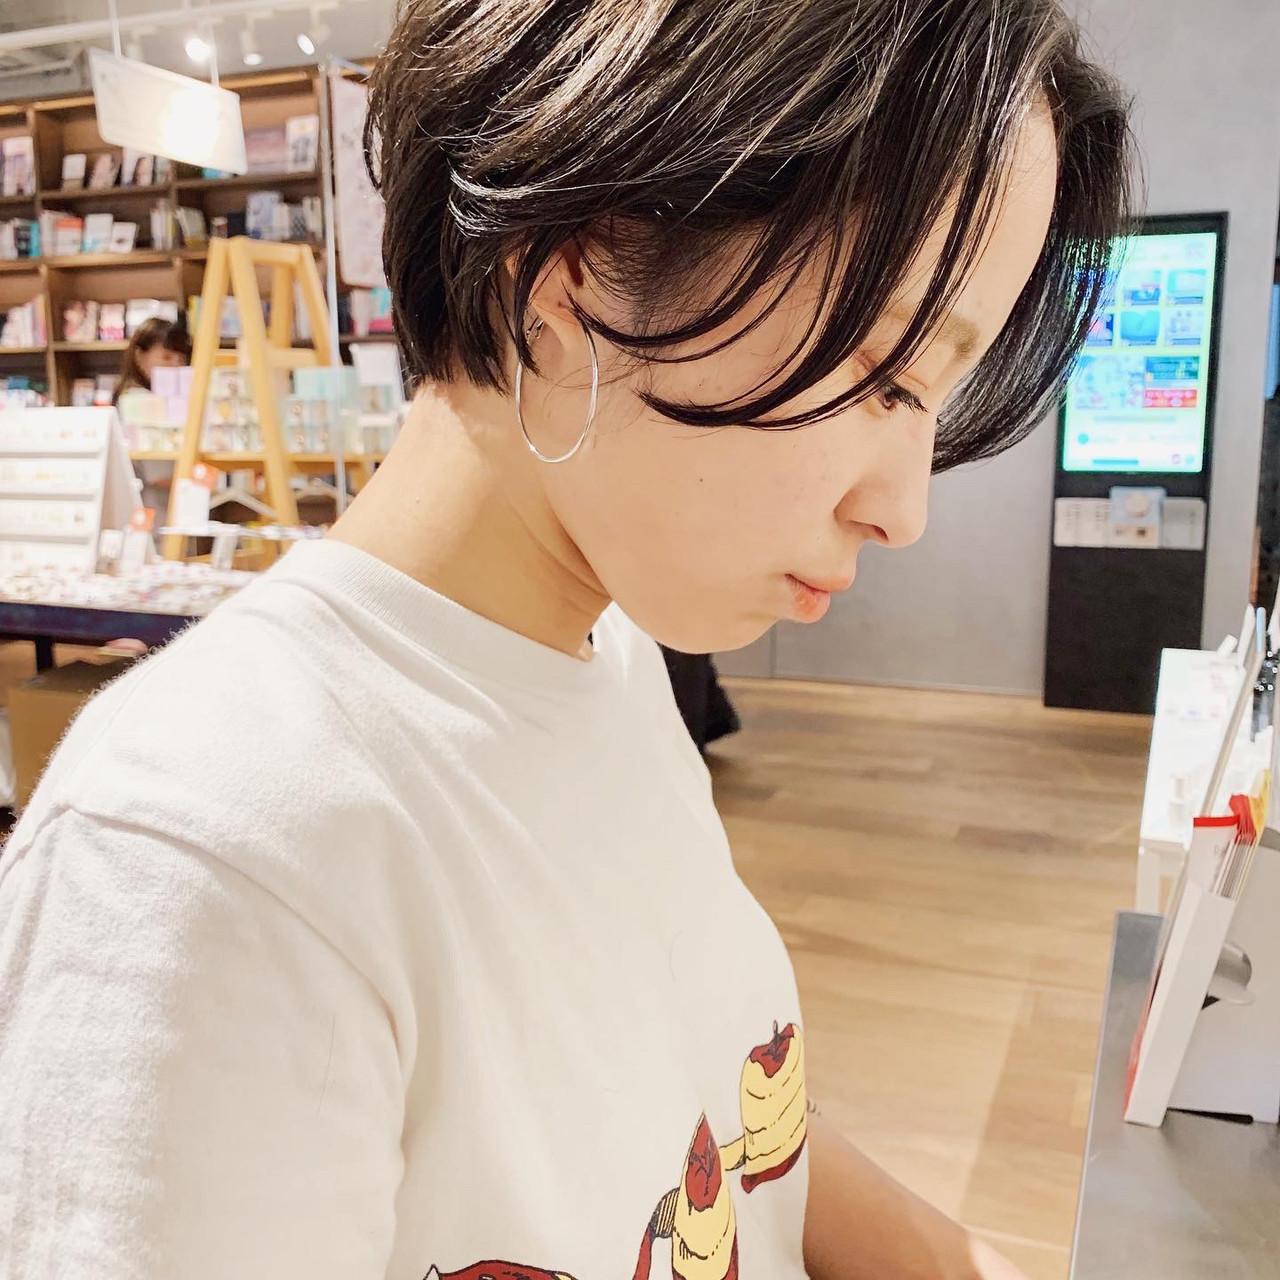 ベリーショート 暗髪 ショートヘア 丸みショート ヘアスタイルや髪型の写真・画像